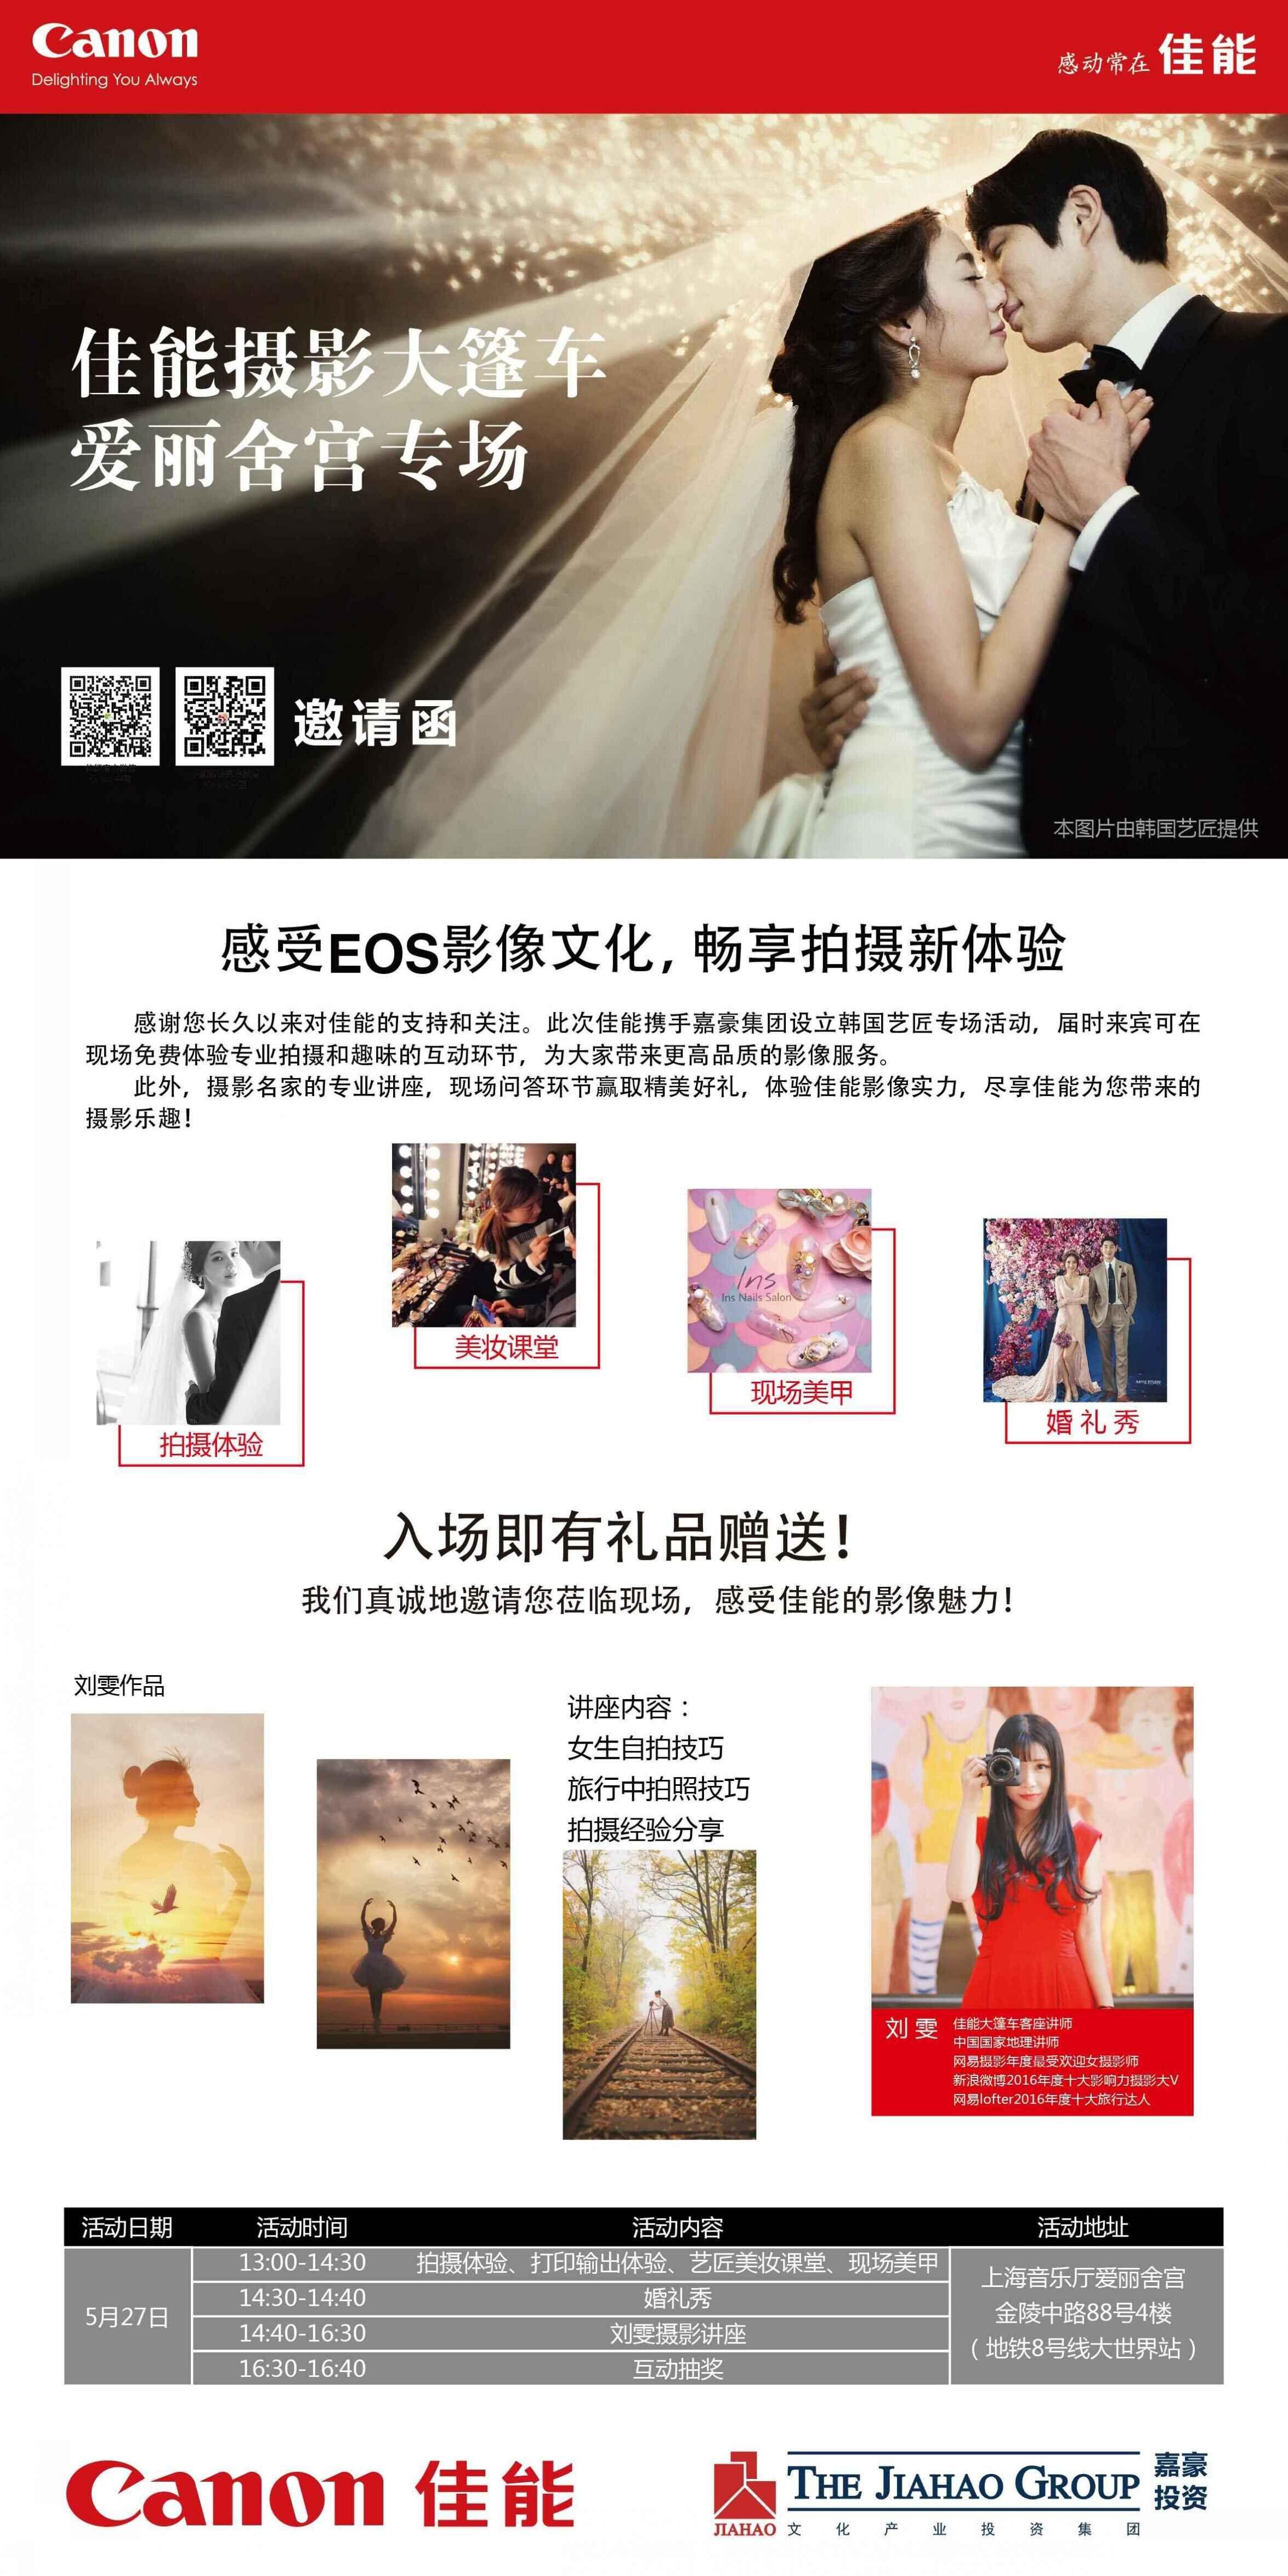 QQ图片20170519111129.jpg